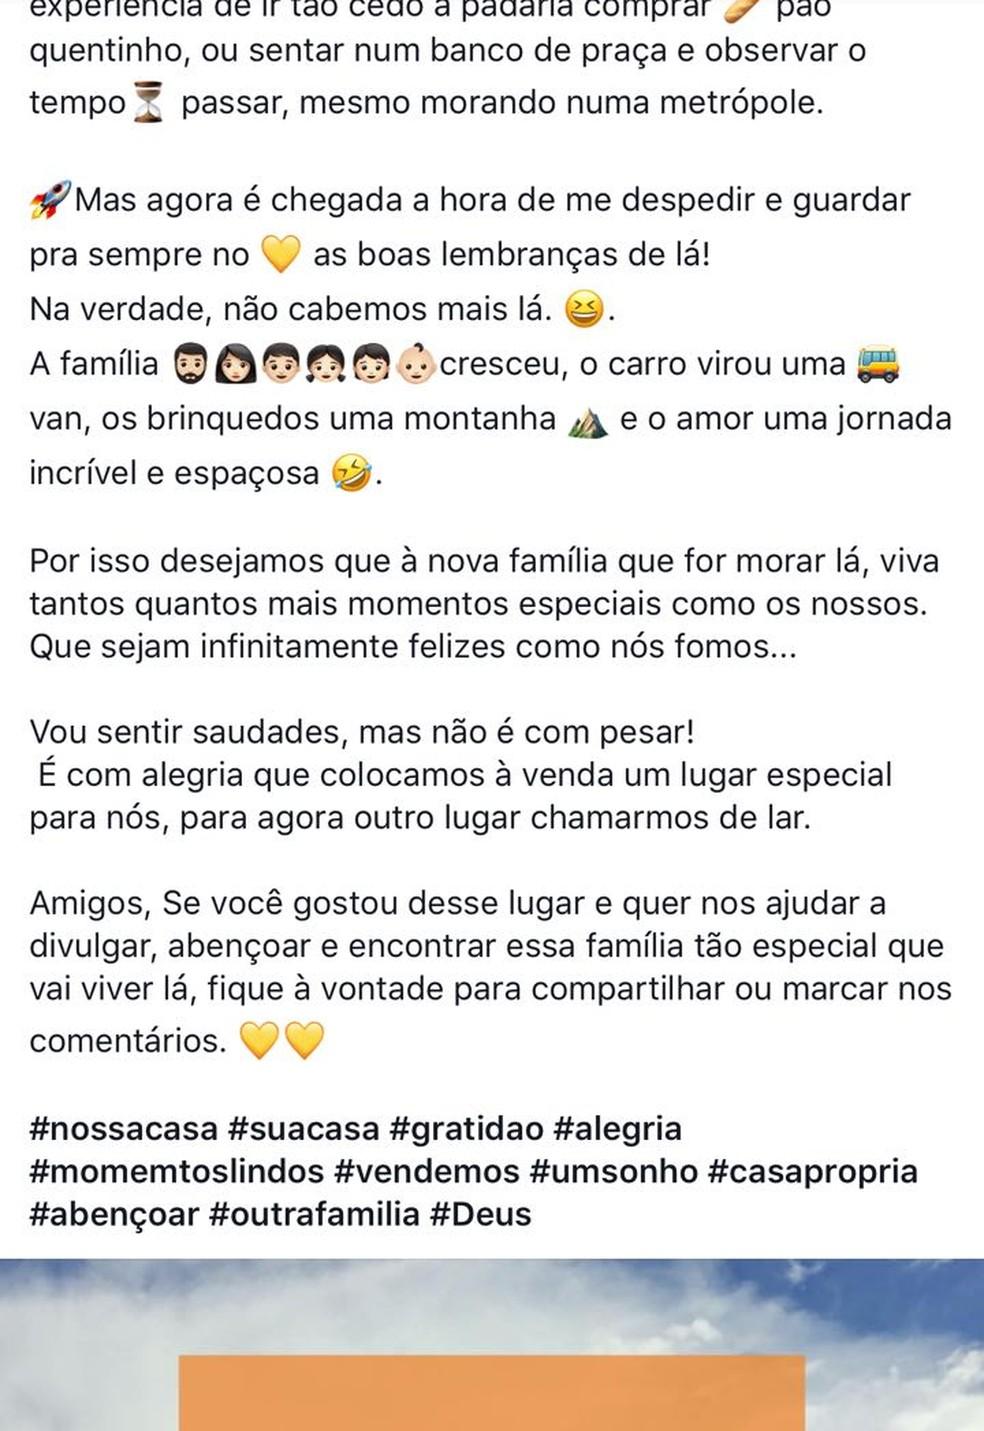 Anúncio da venda foi compartilhado nas redes sociais em MS (Foto: Reprodução/Facebook)